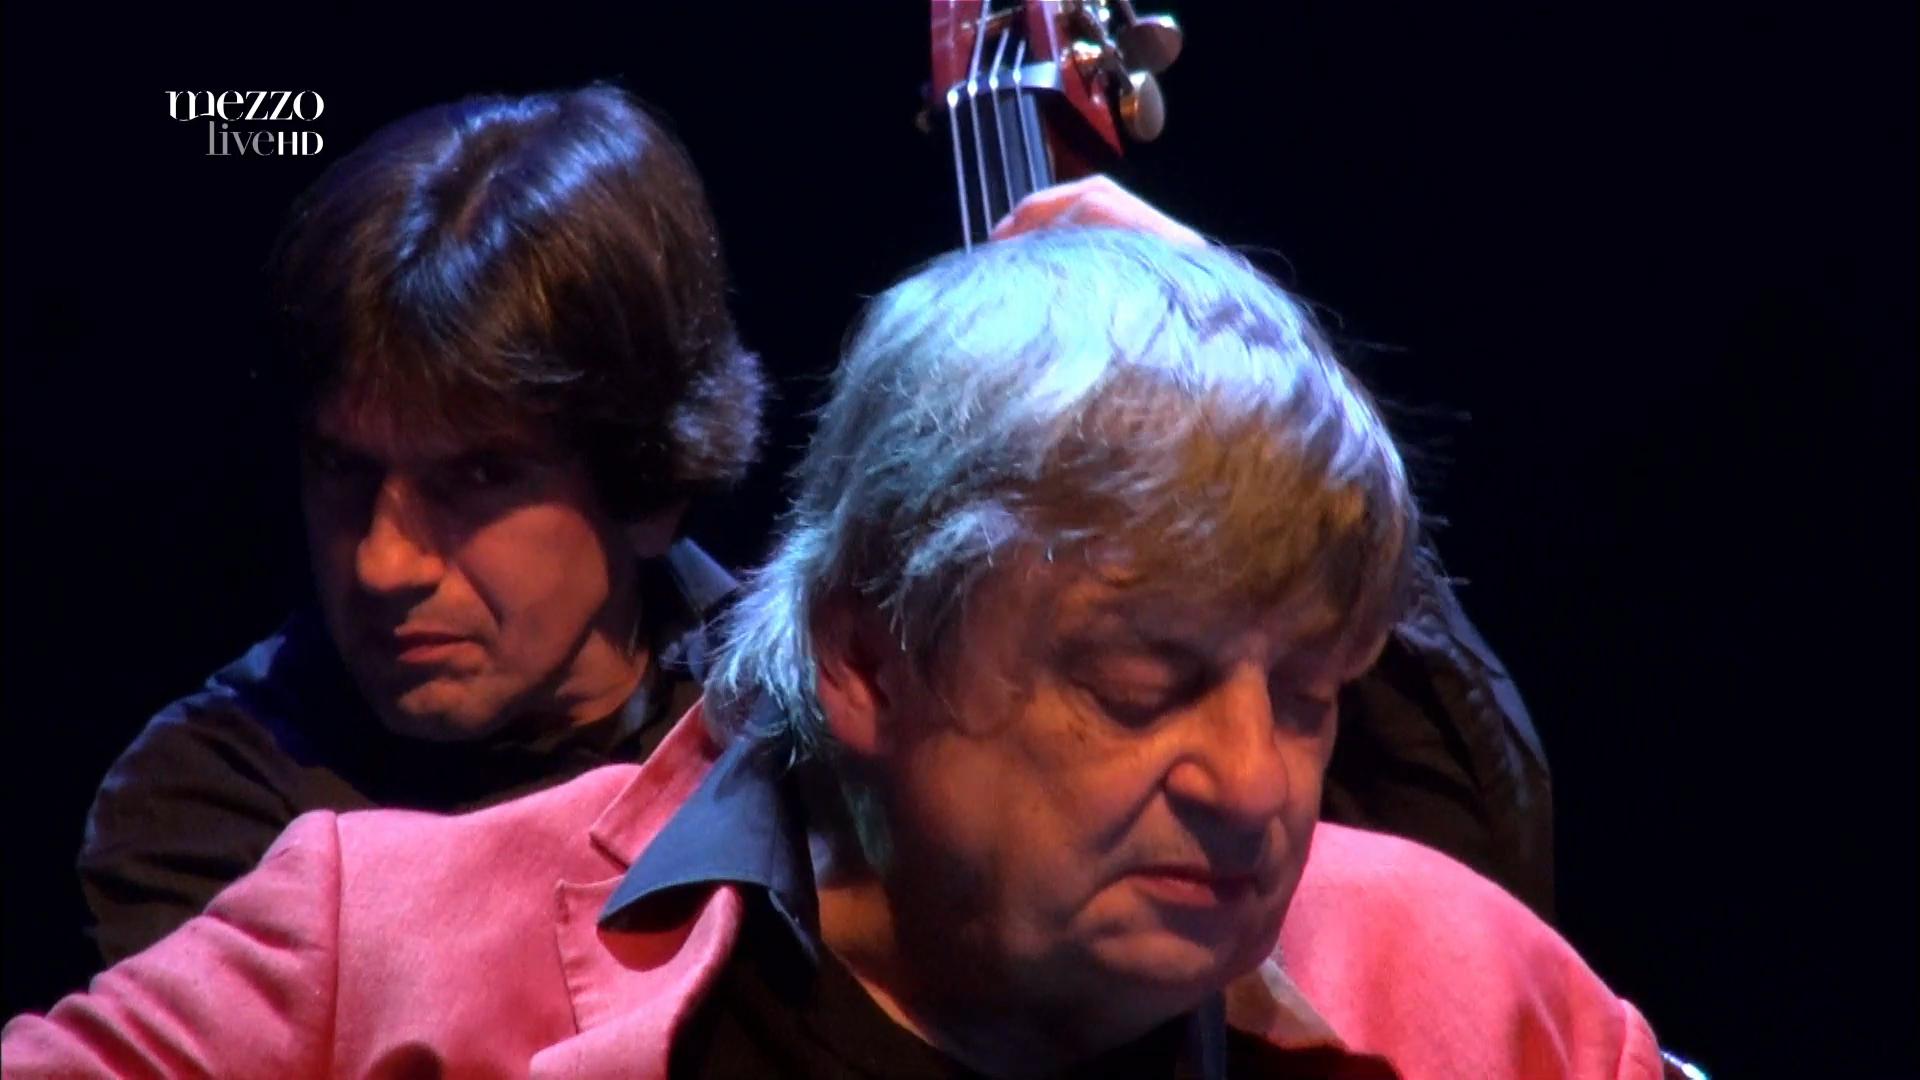 2012 Philip Catherine - 70th Birthday Tour - Skoda Jazz Festival [HDTV 1080i] 5